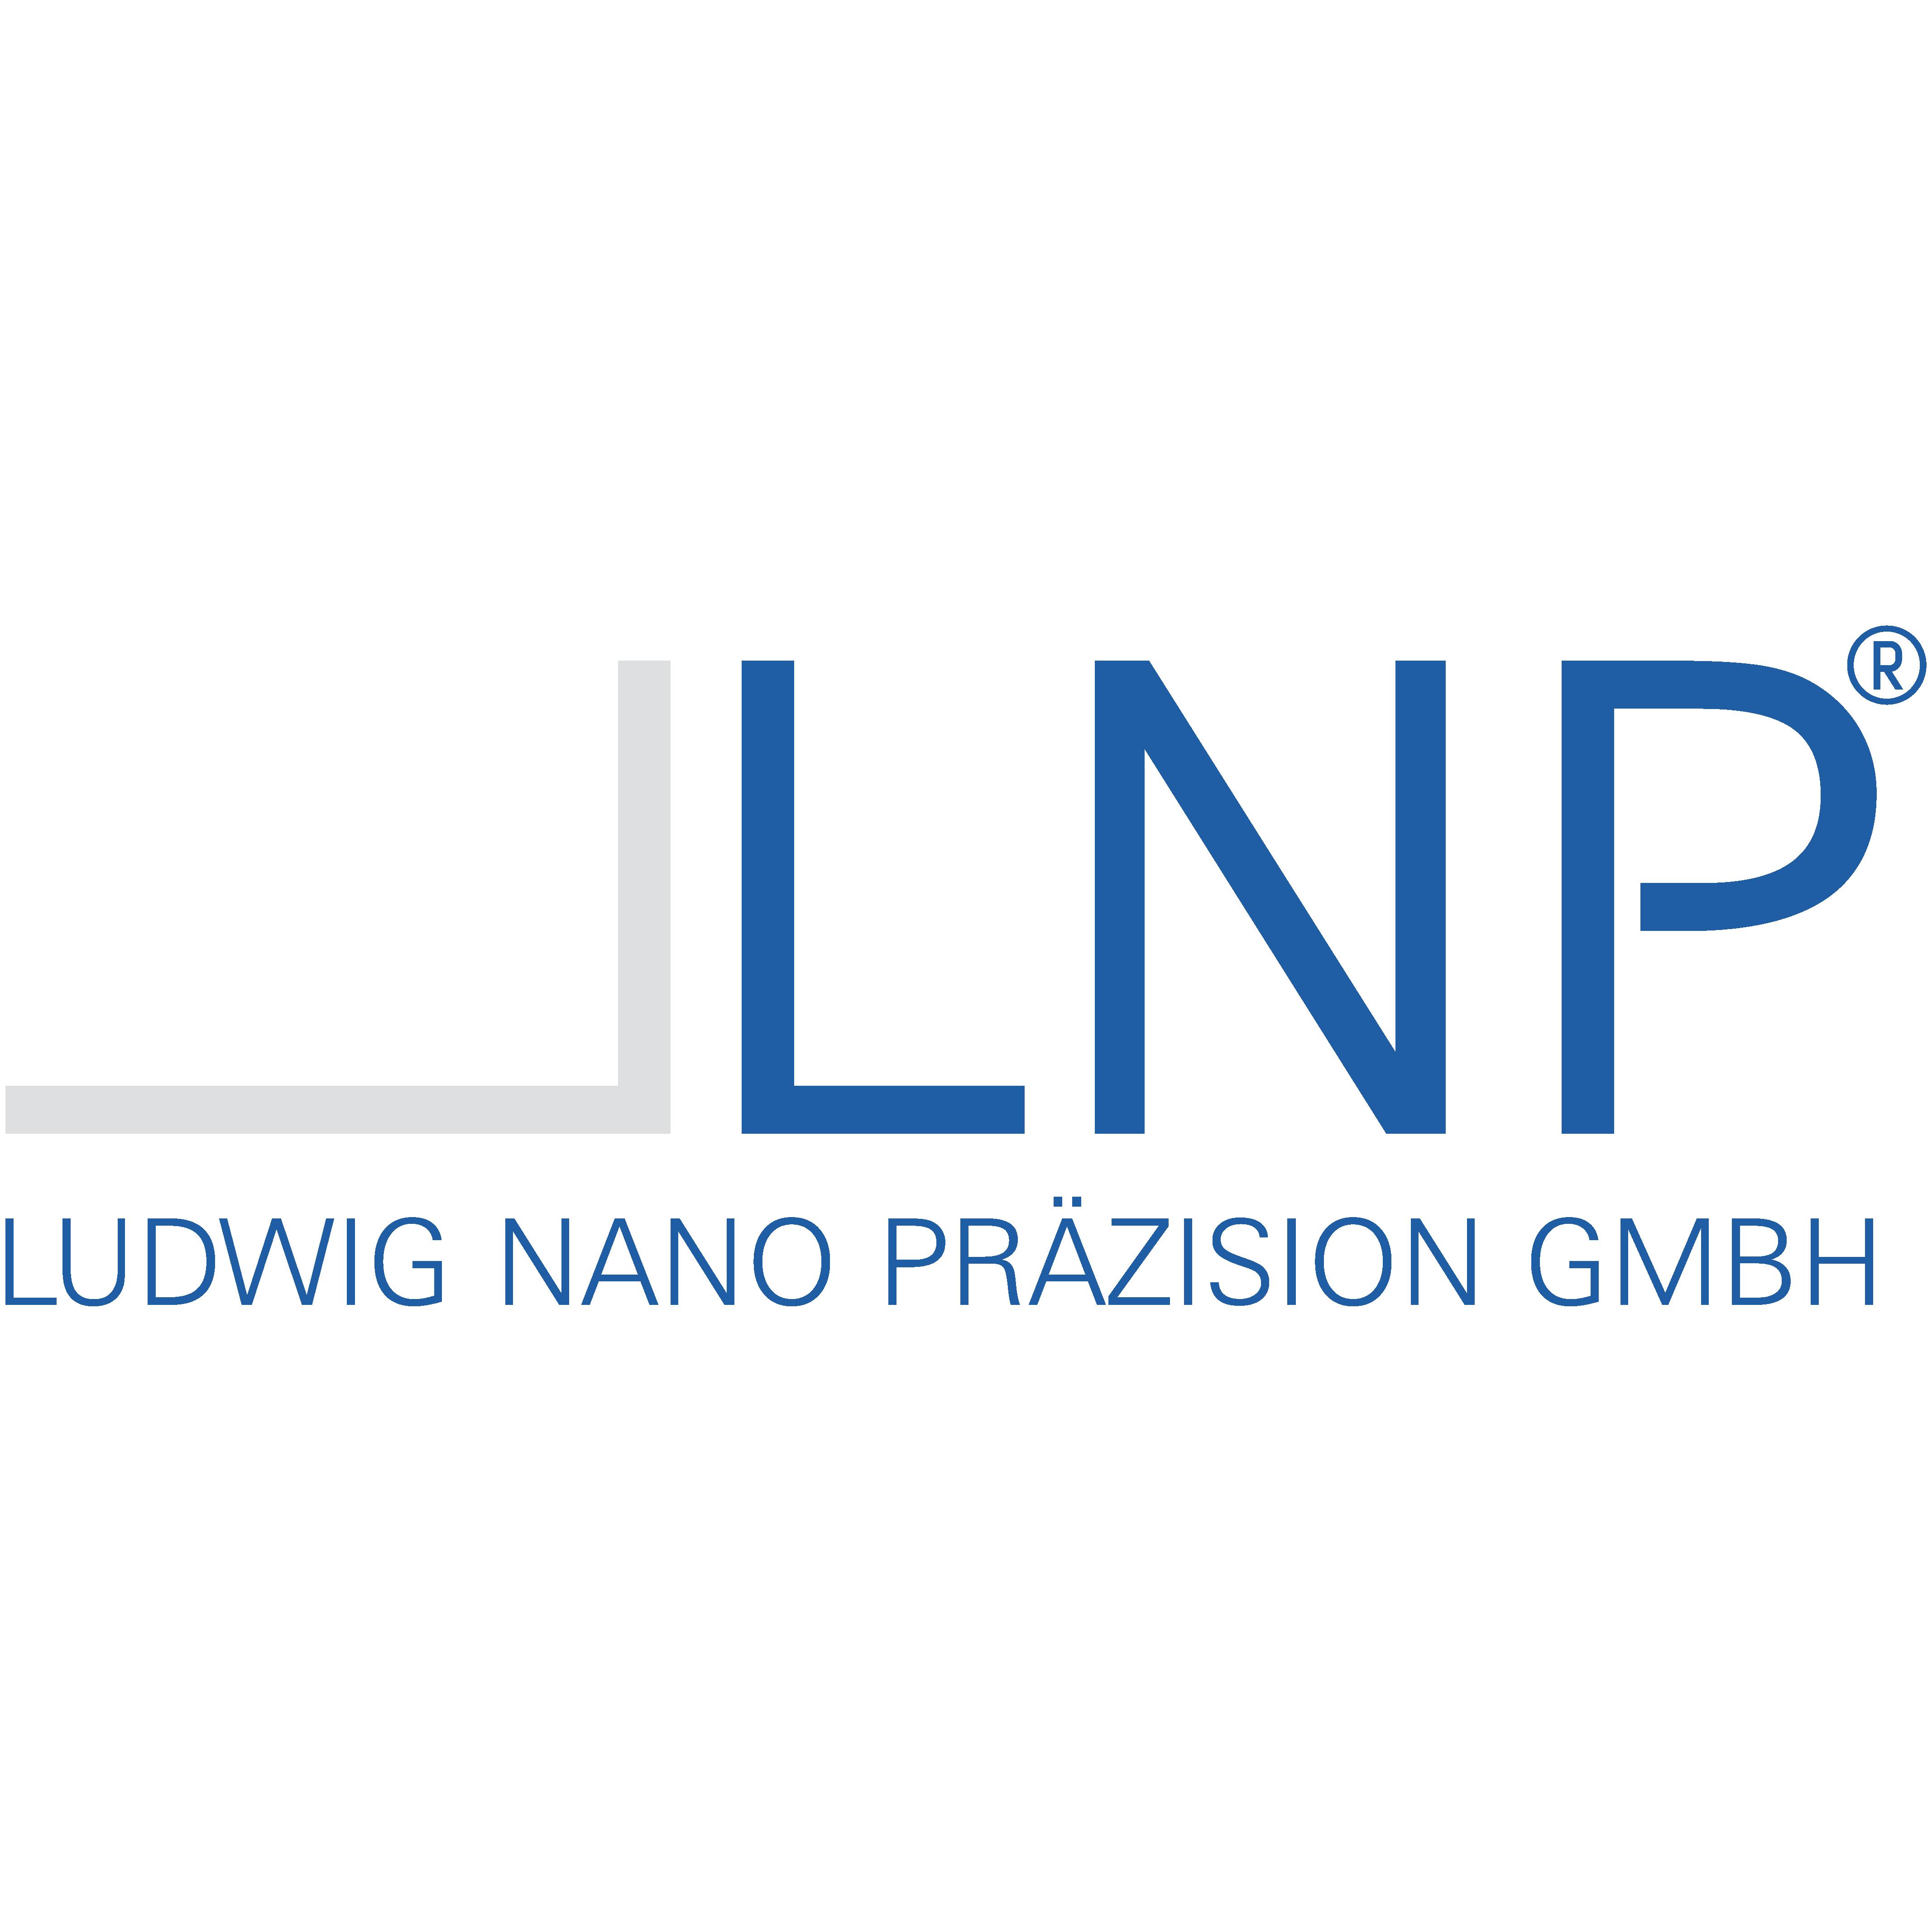 Wortbildlogo der Ludwig Nano Präzision GmbH in Hellgrau und Blau